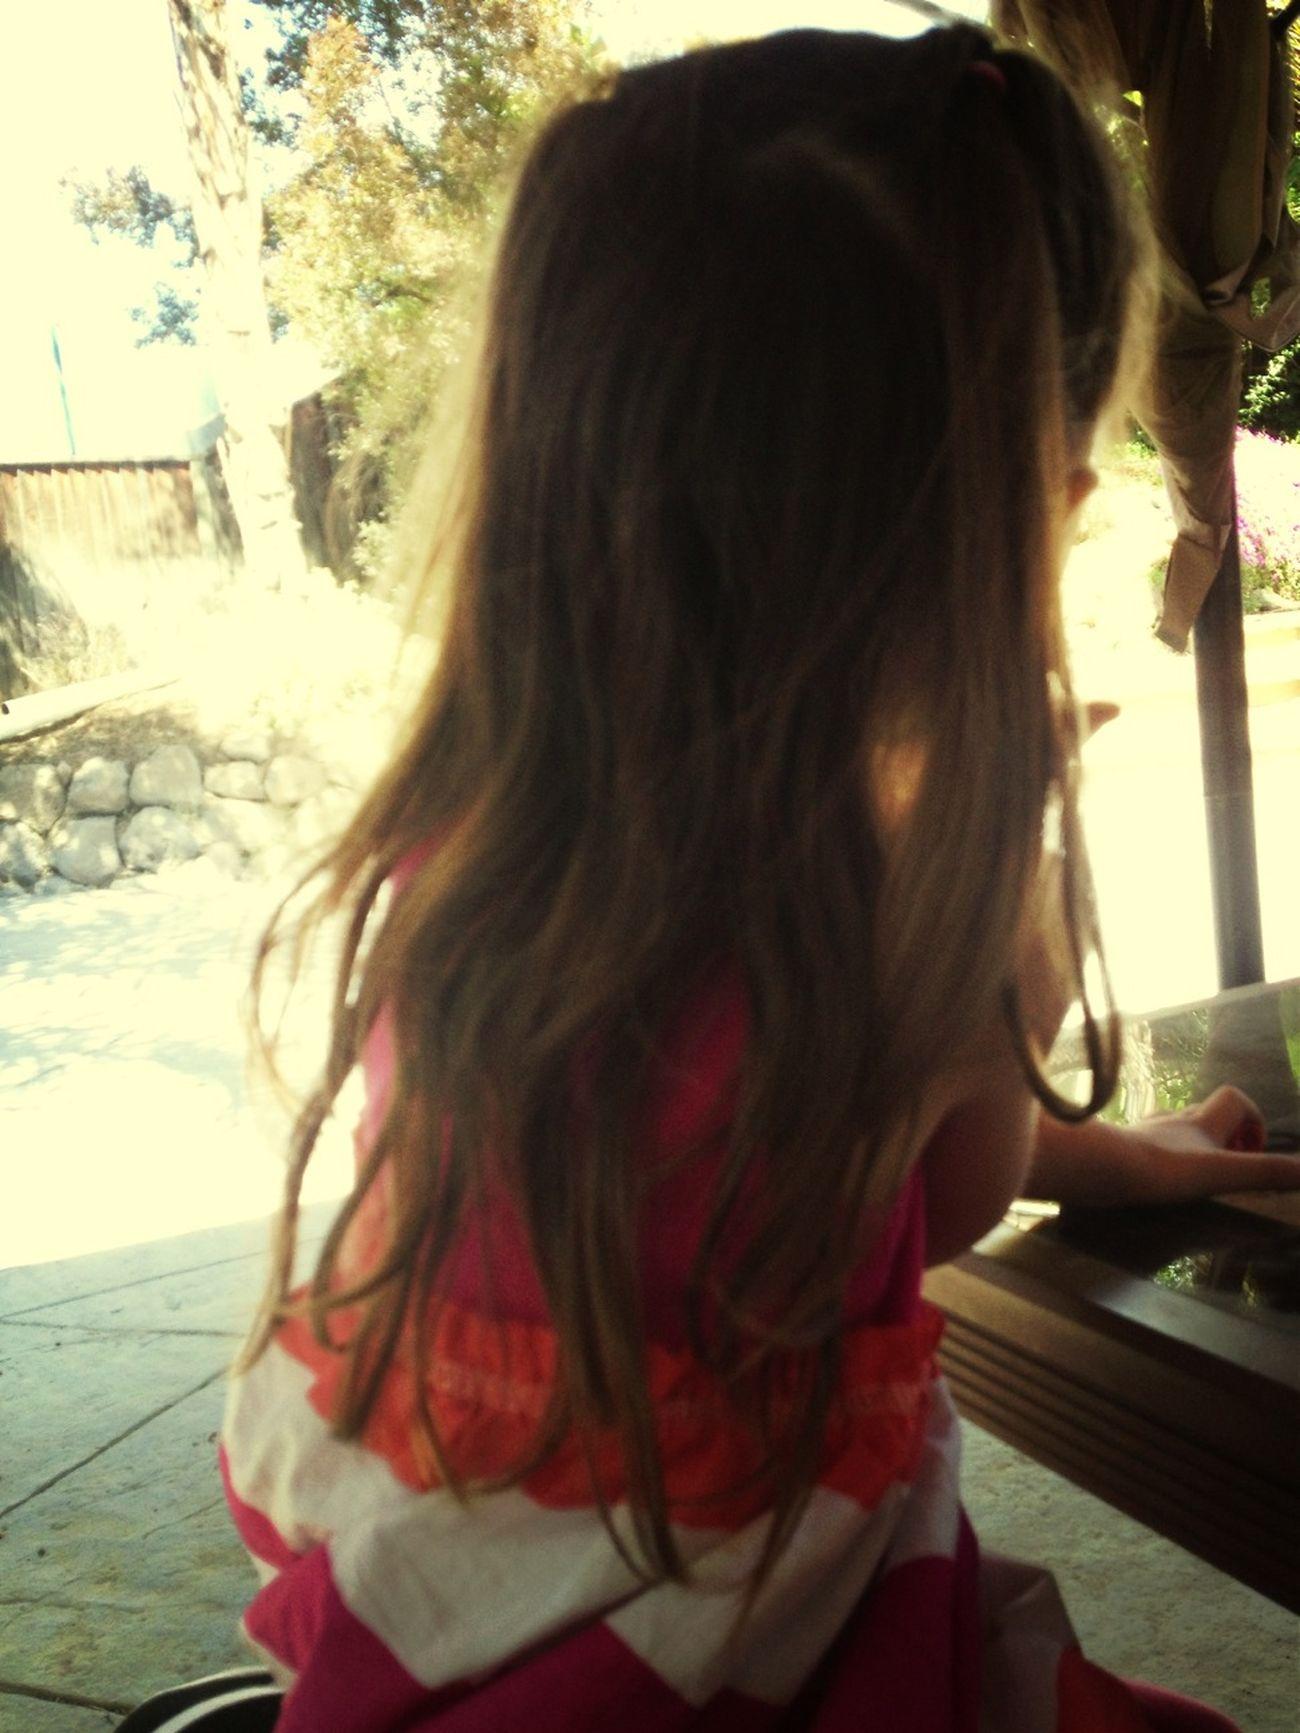 Rapunzel Let Down Your Hair